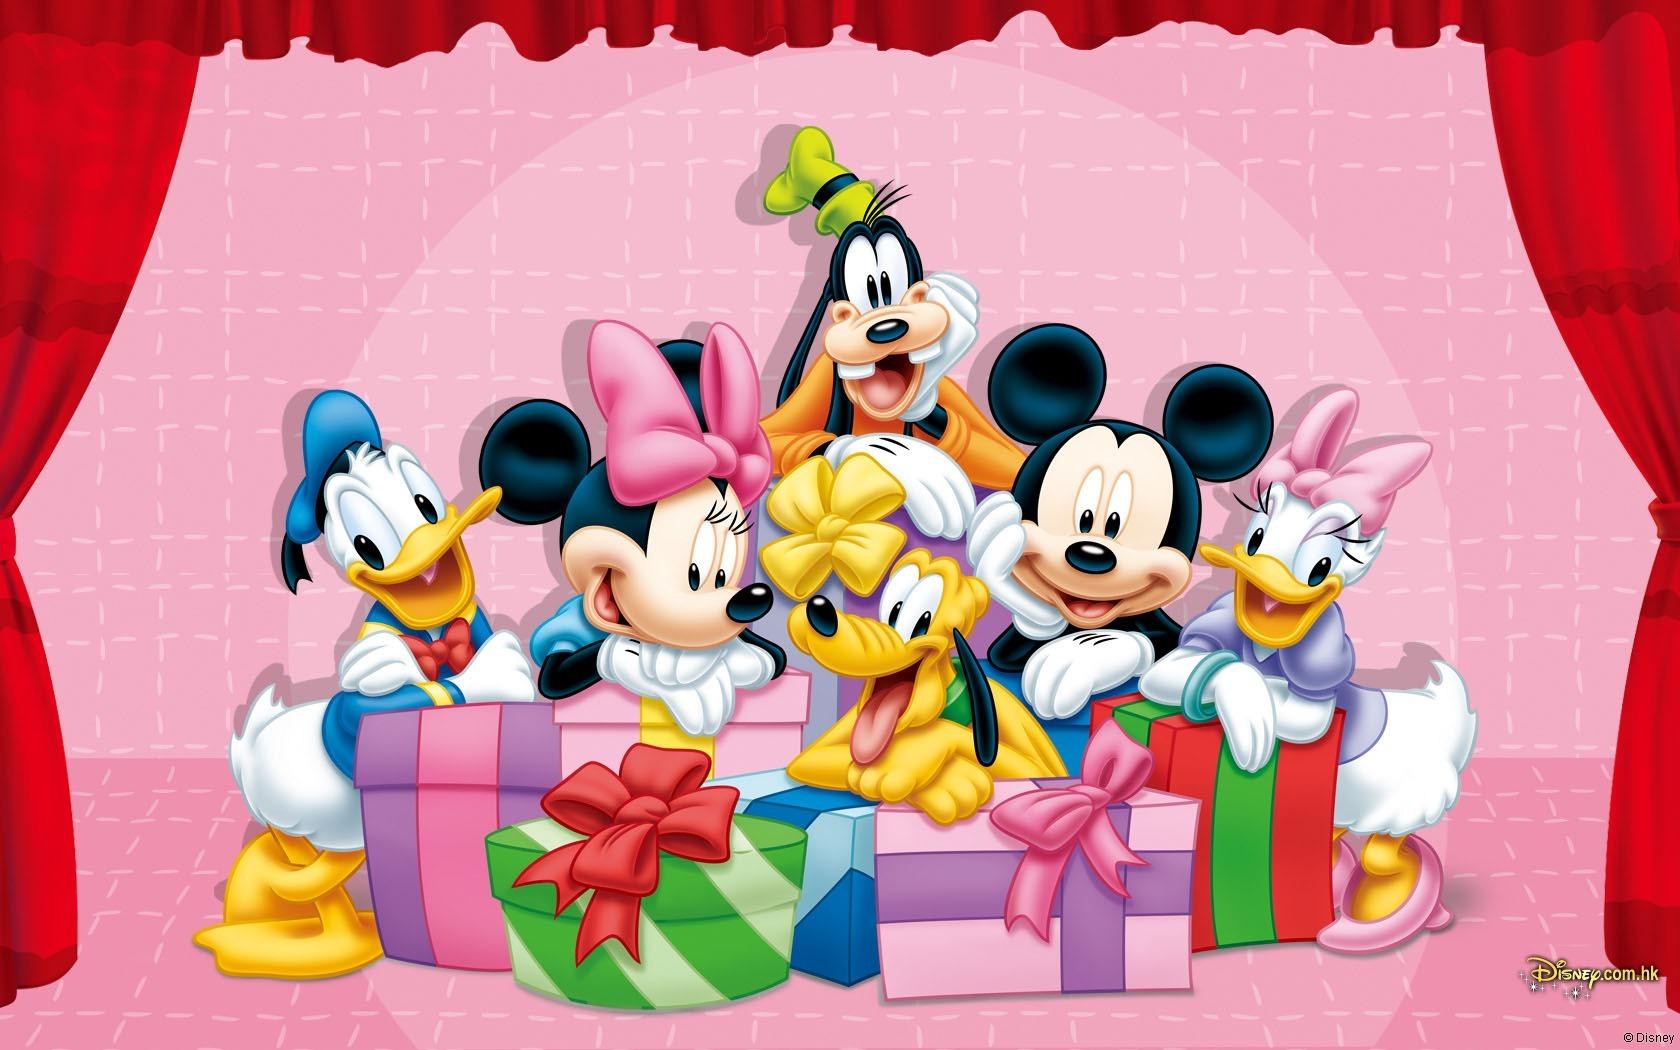 ディズニー漫画 ミッキー ミッキーマウスの壁紙番目のシリーズ